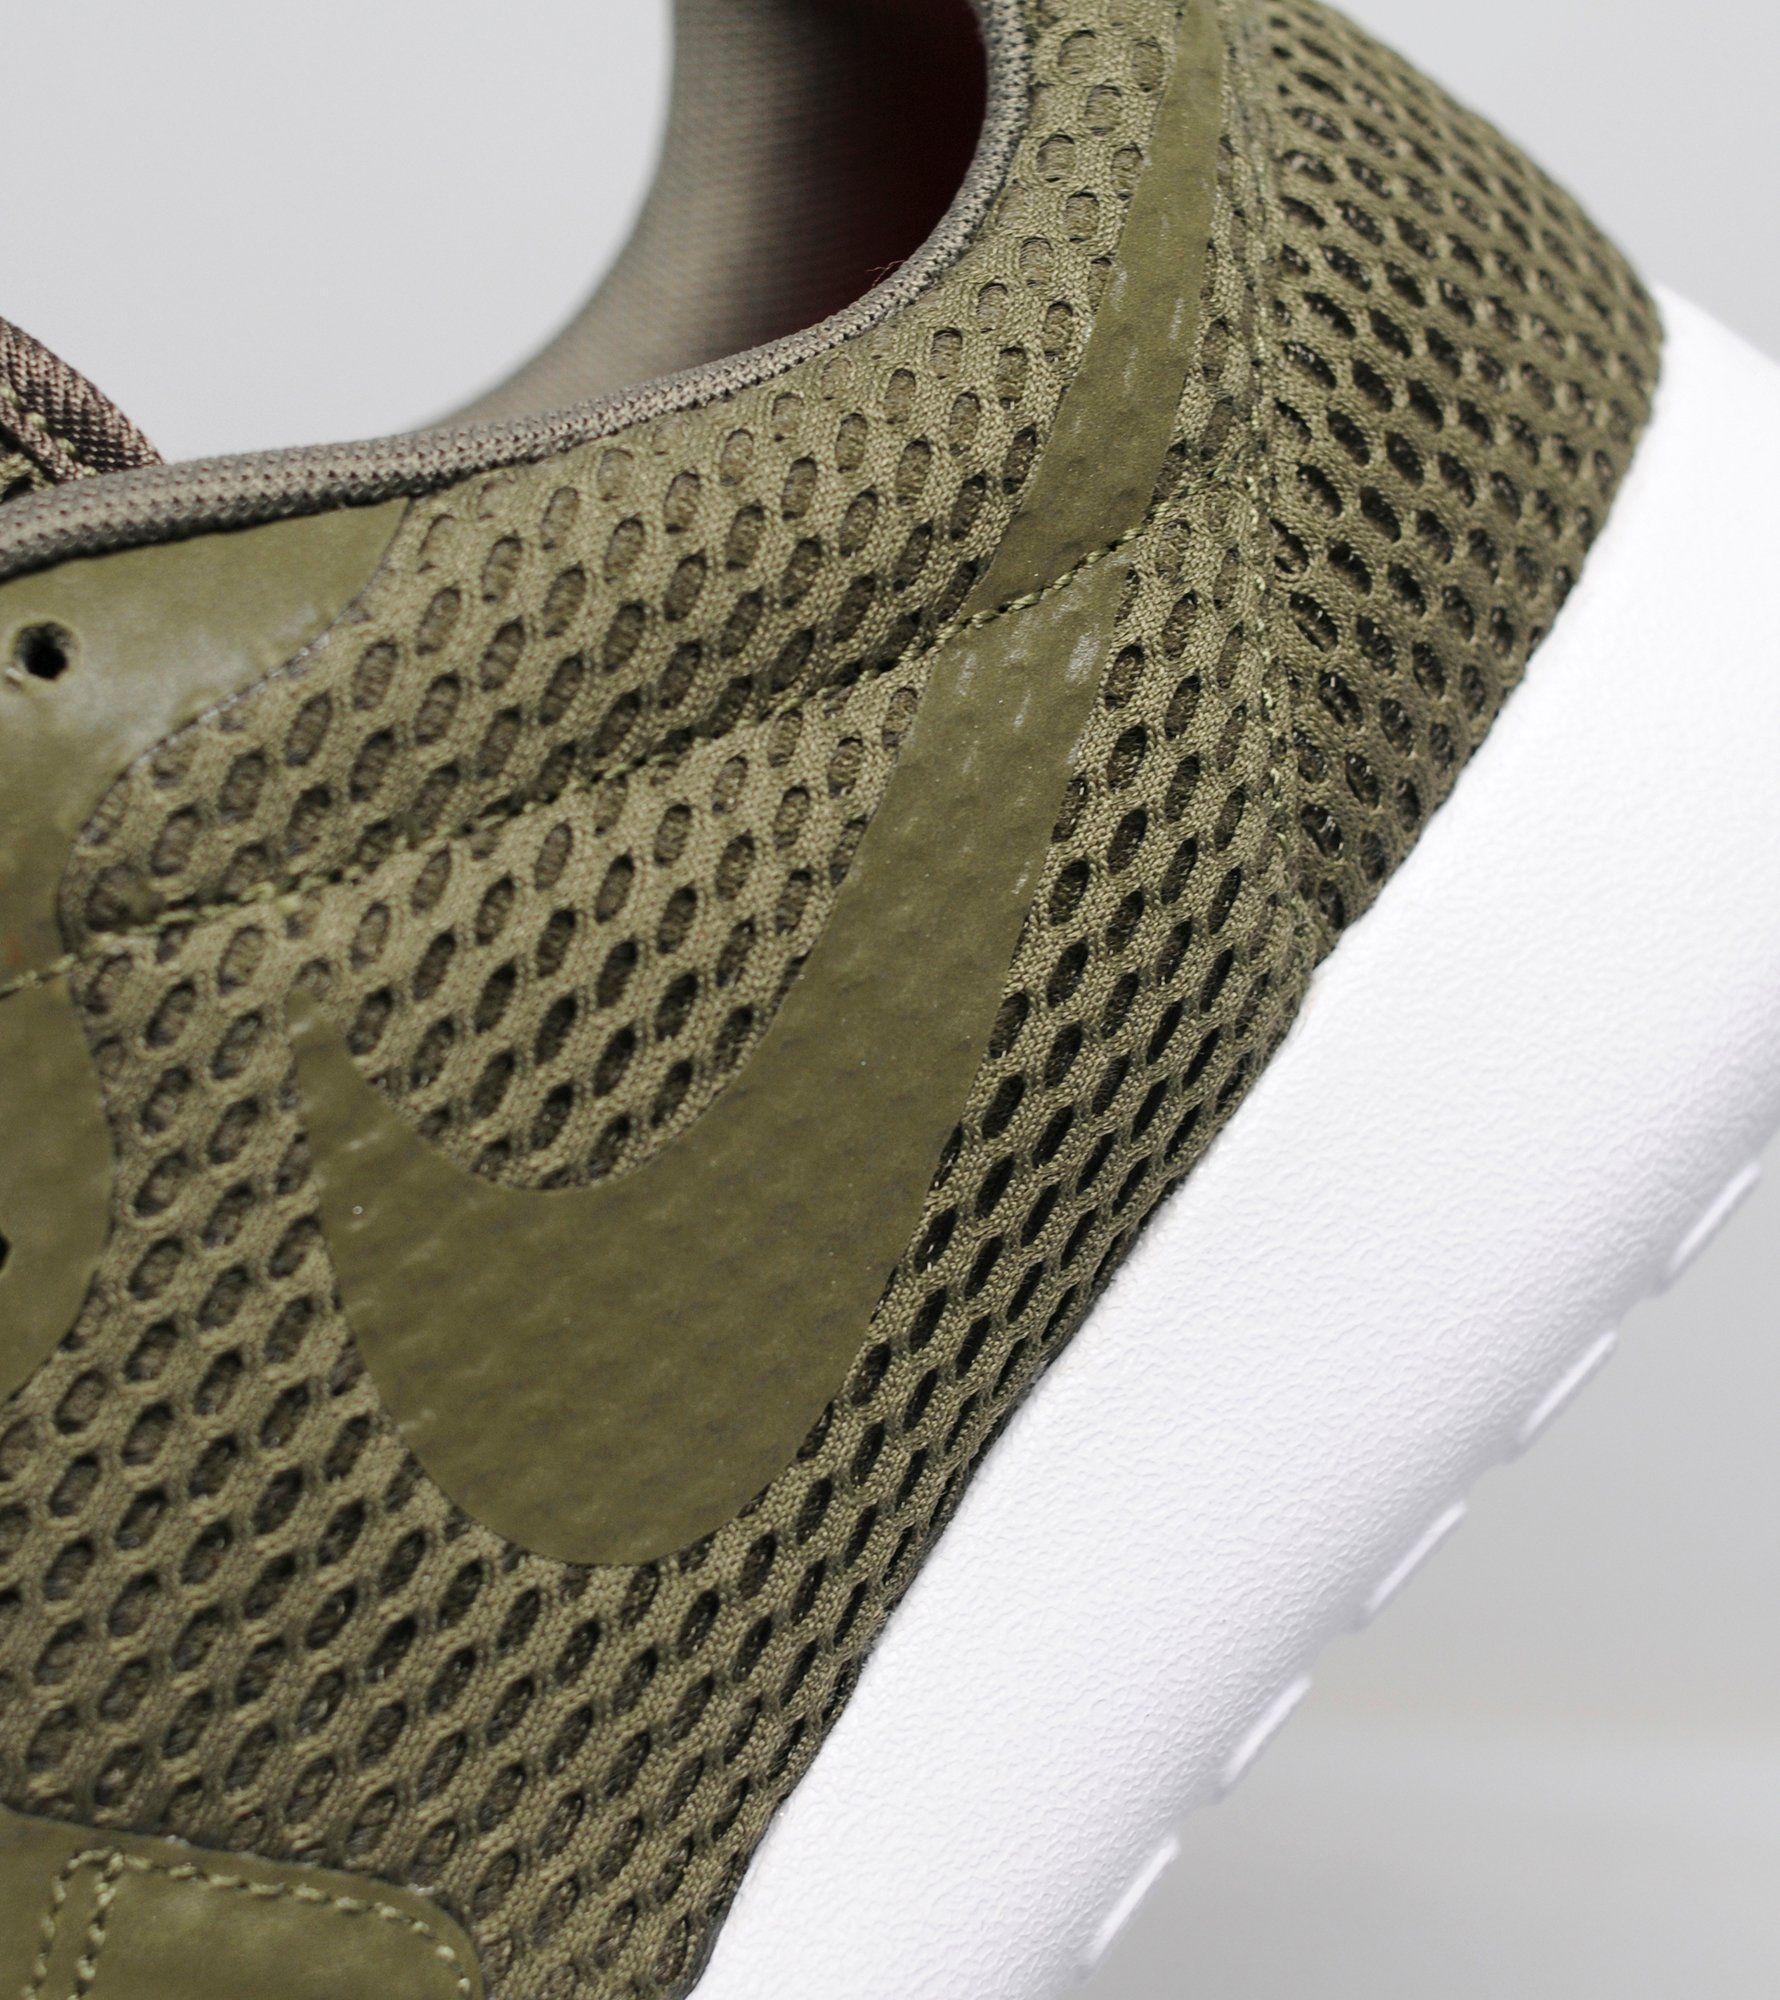 klxku Nike Roshe One Hyperfuse 'Breathe' | Size?